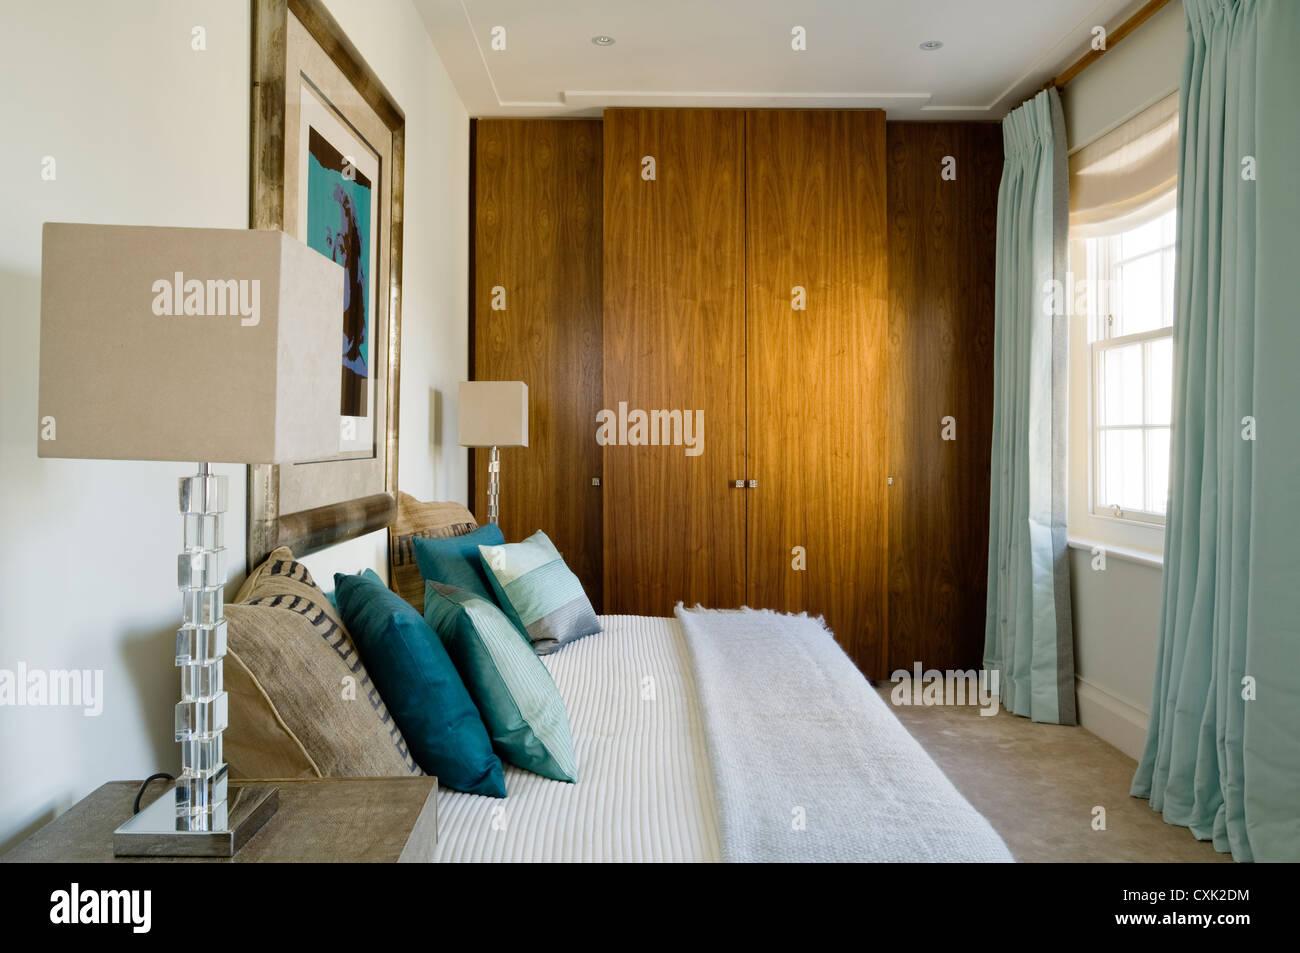 Camere Da Letto Turchese : Giorno di colore interno camera da letto letto di lusso del